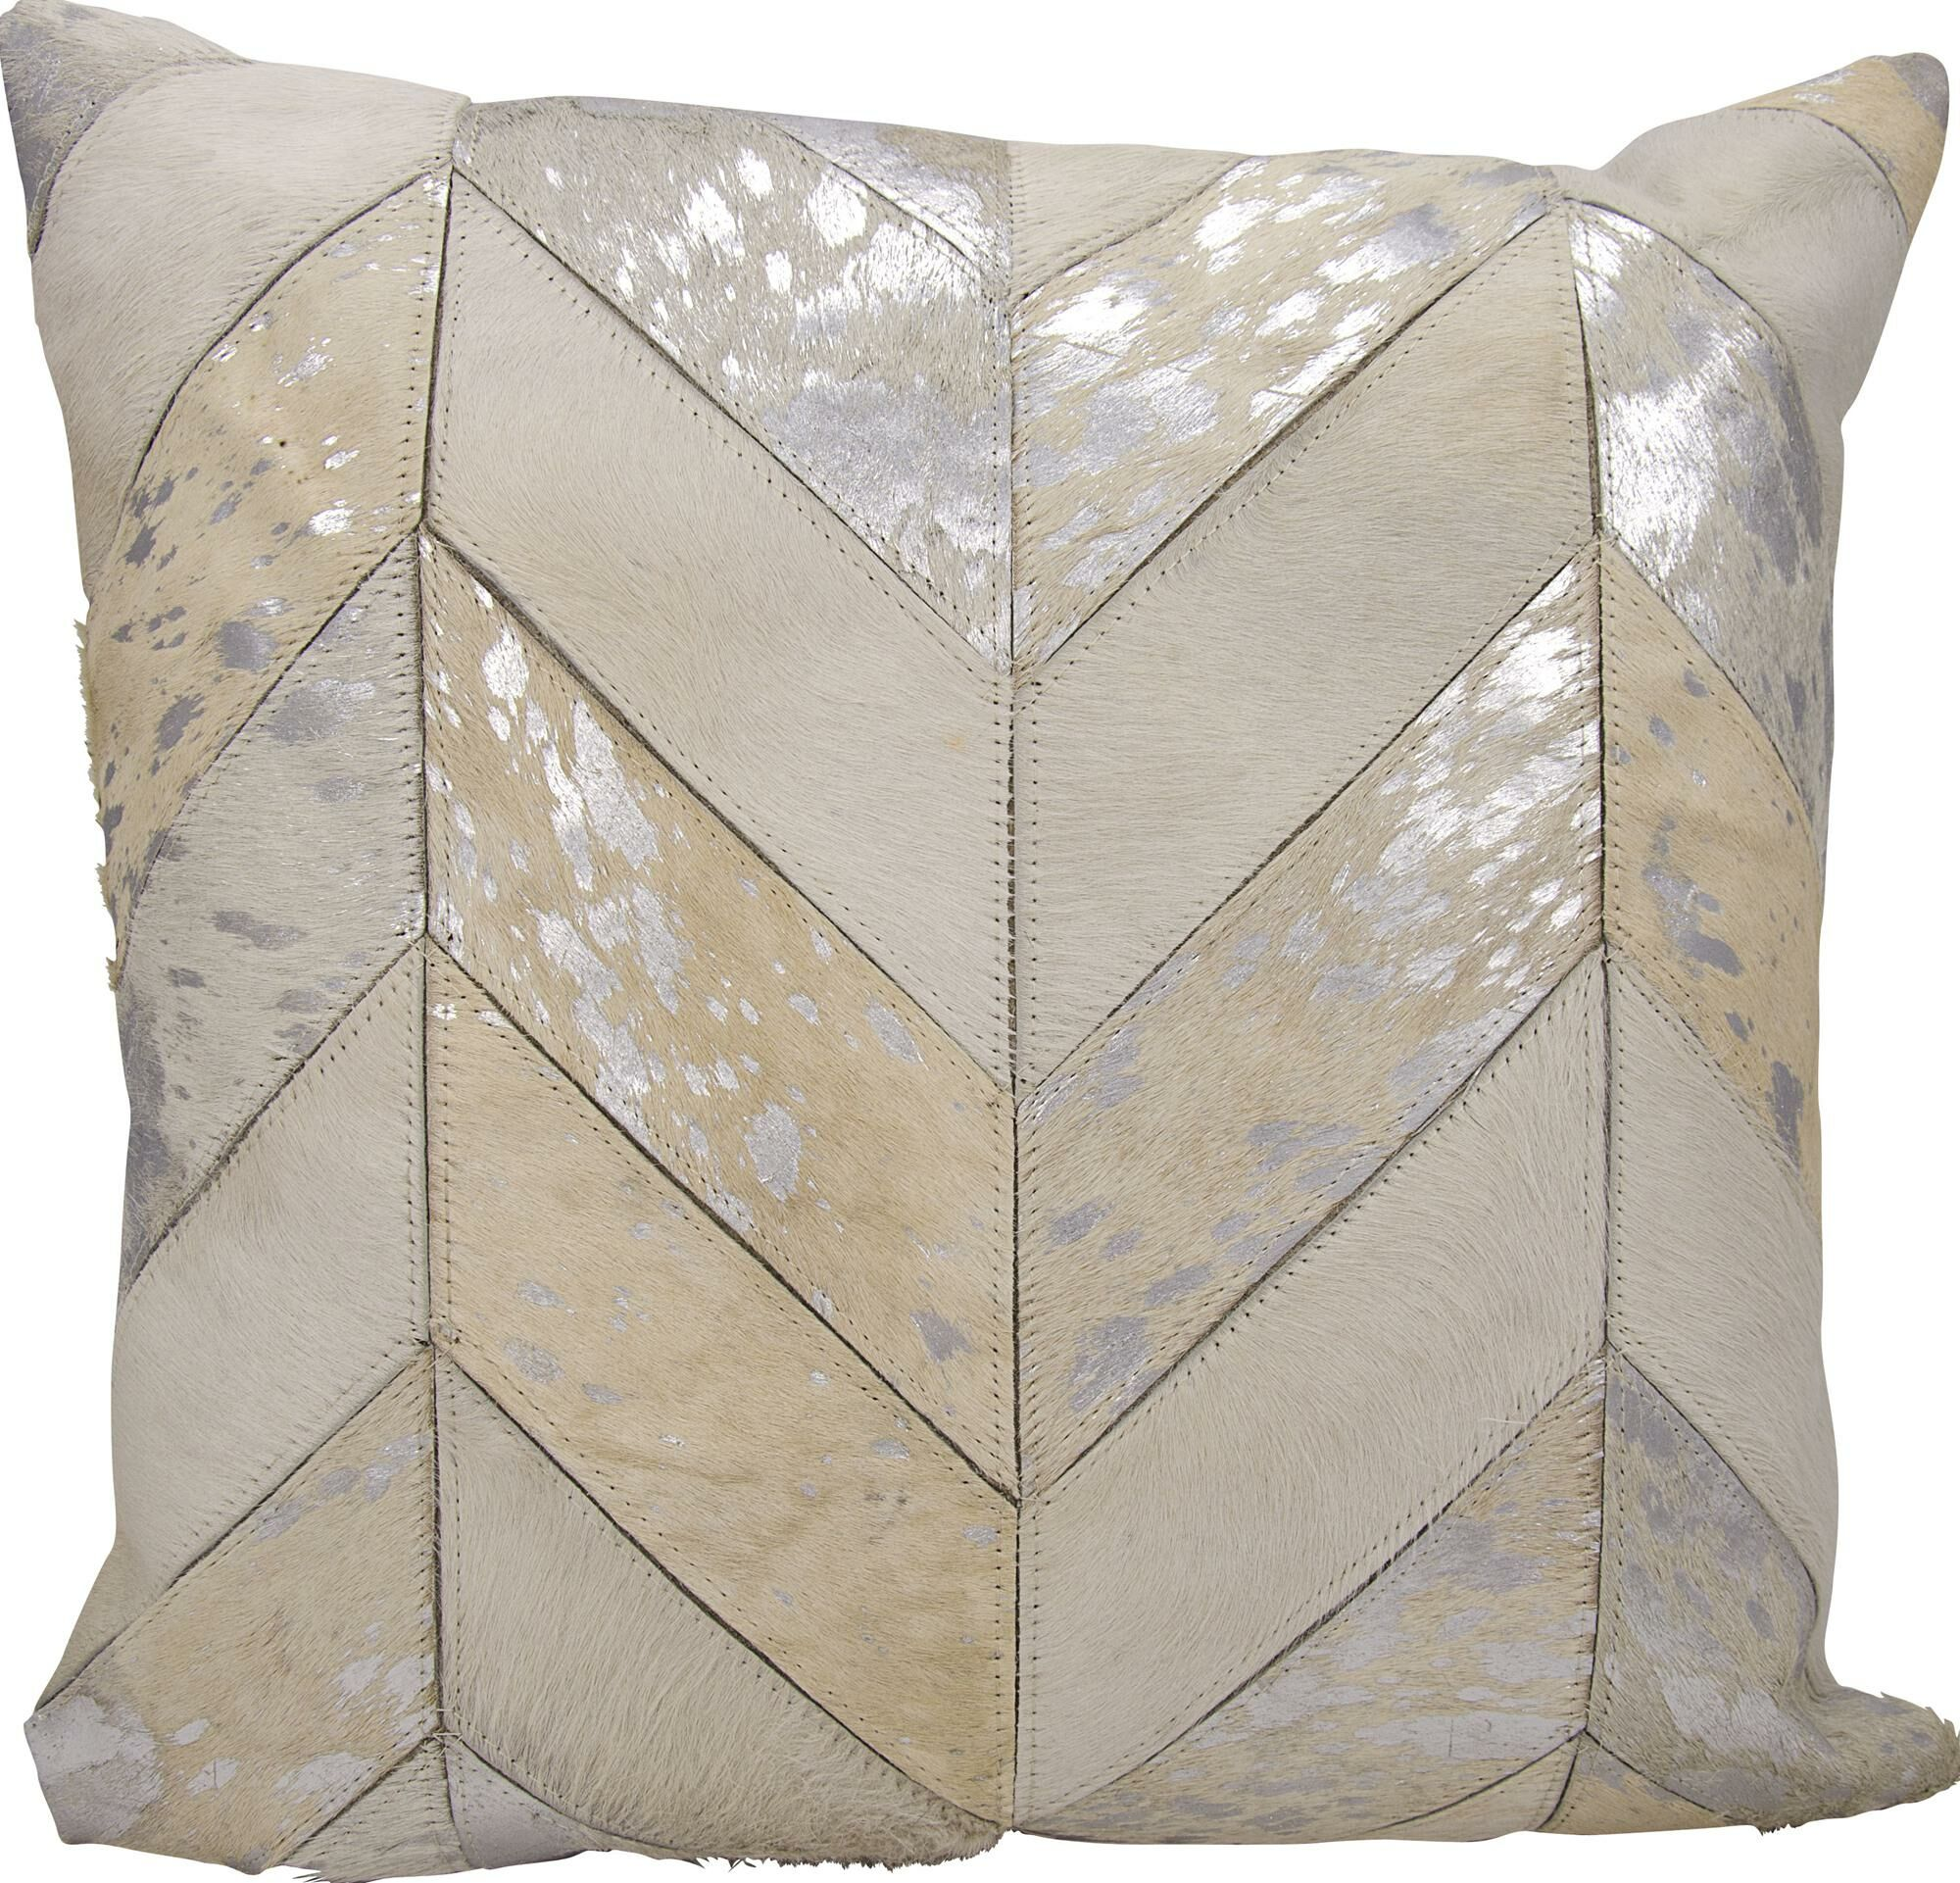 Kathy Ireland Throw Pillow Color: White